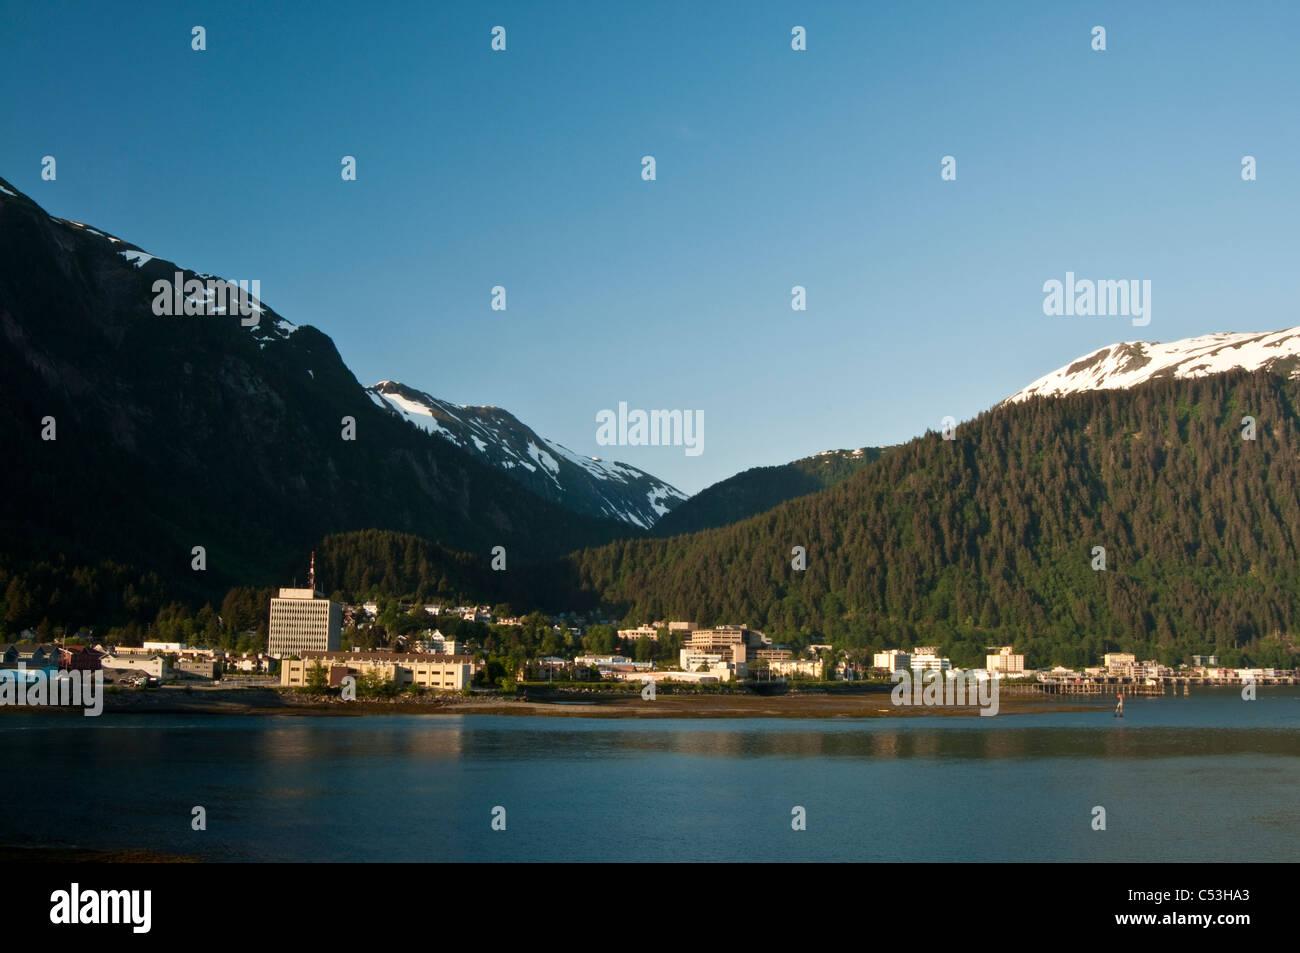 Die Innenstadt von Juneau Sicht von Douglas Island, südöstlichen Alaska, Sommer Stockbild